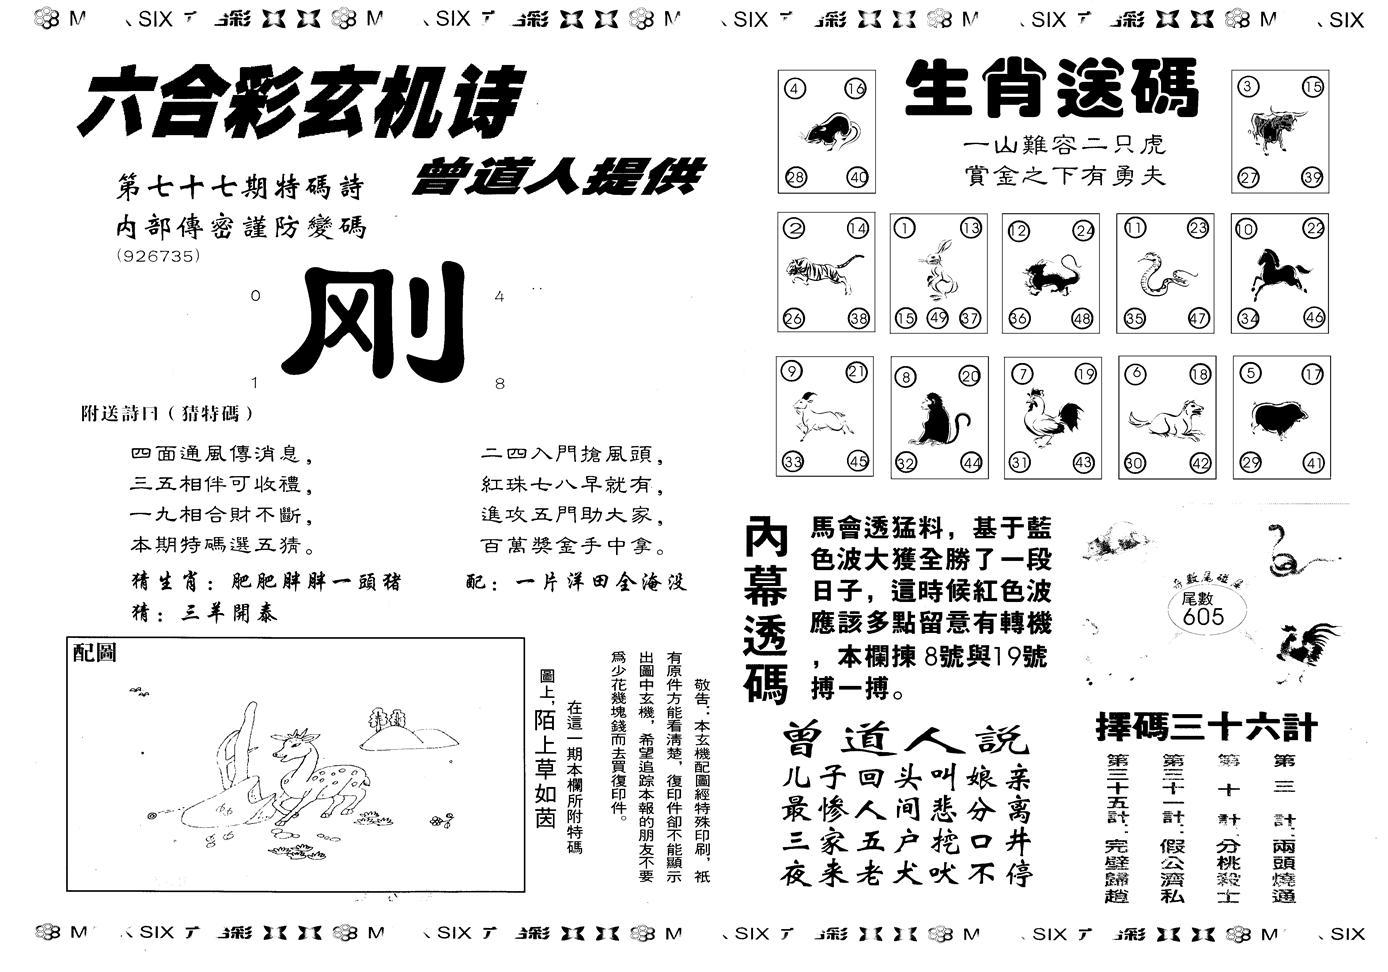 077期另版新内幕B(黑白)